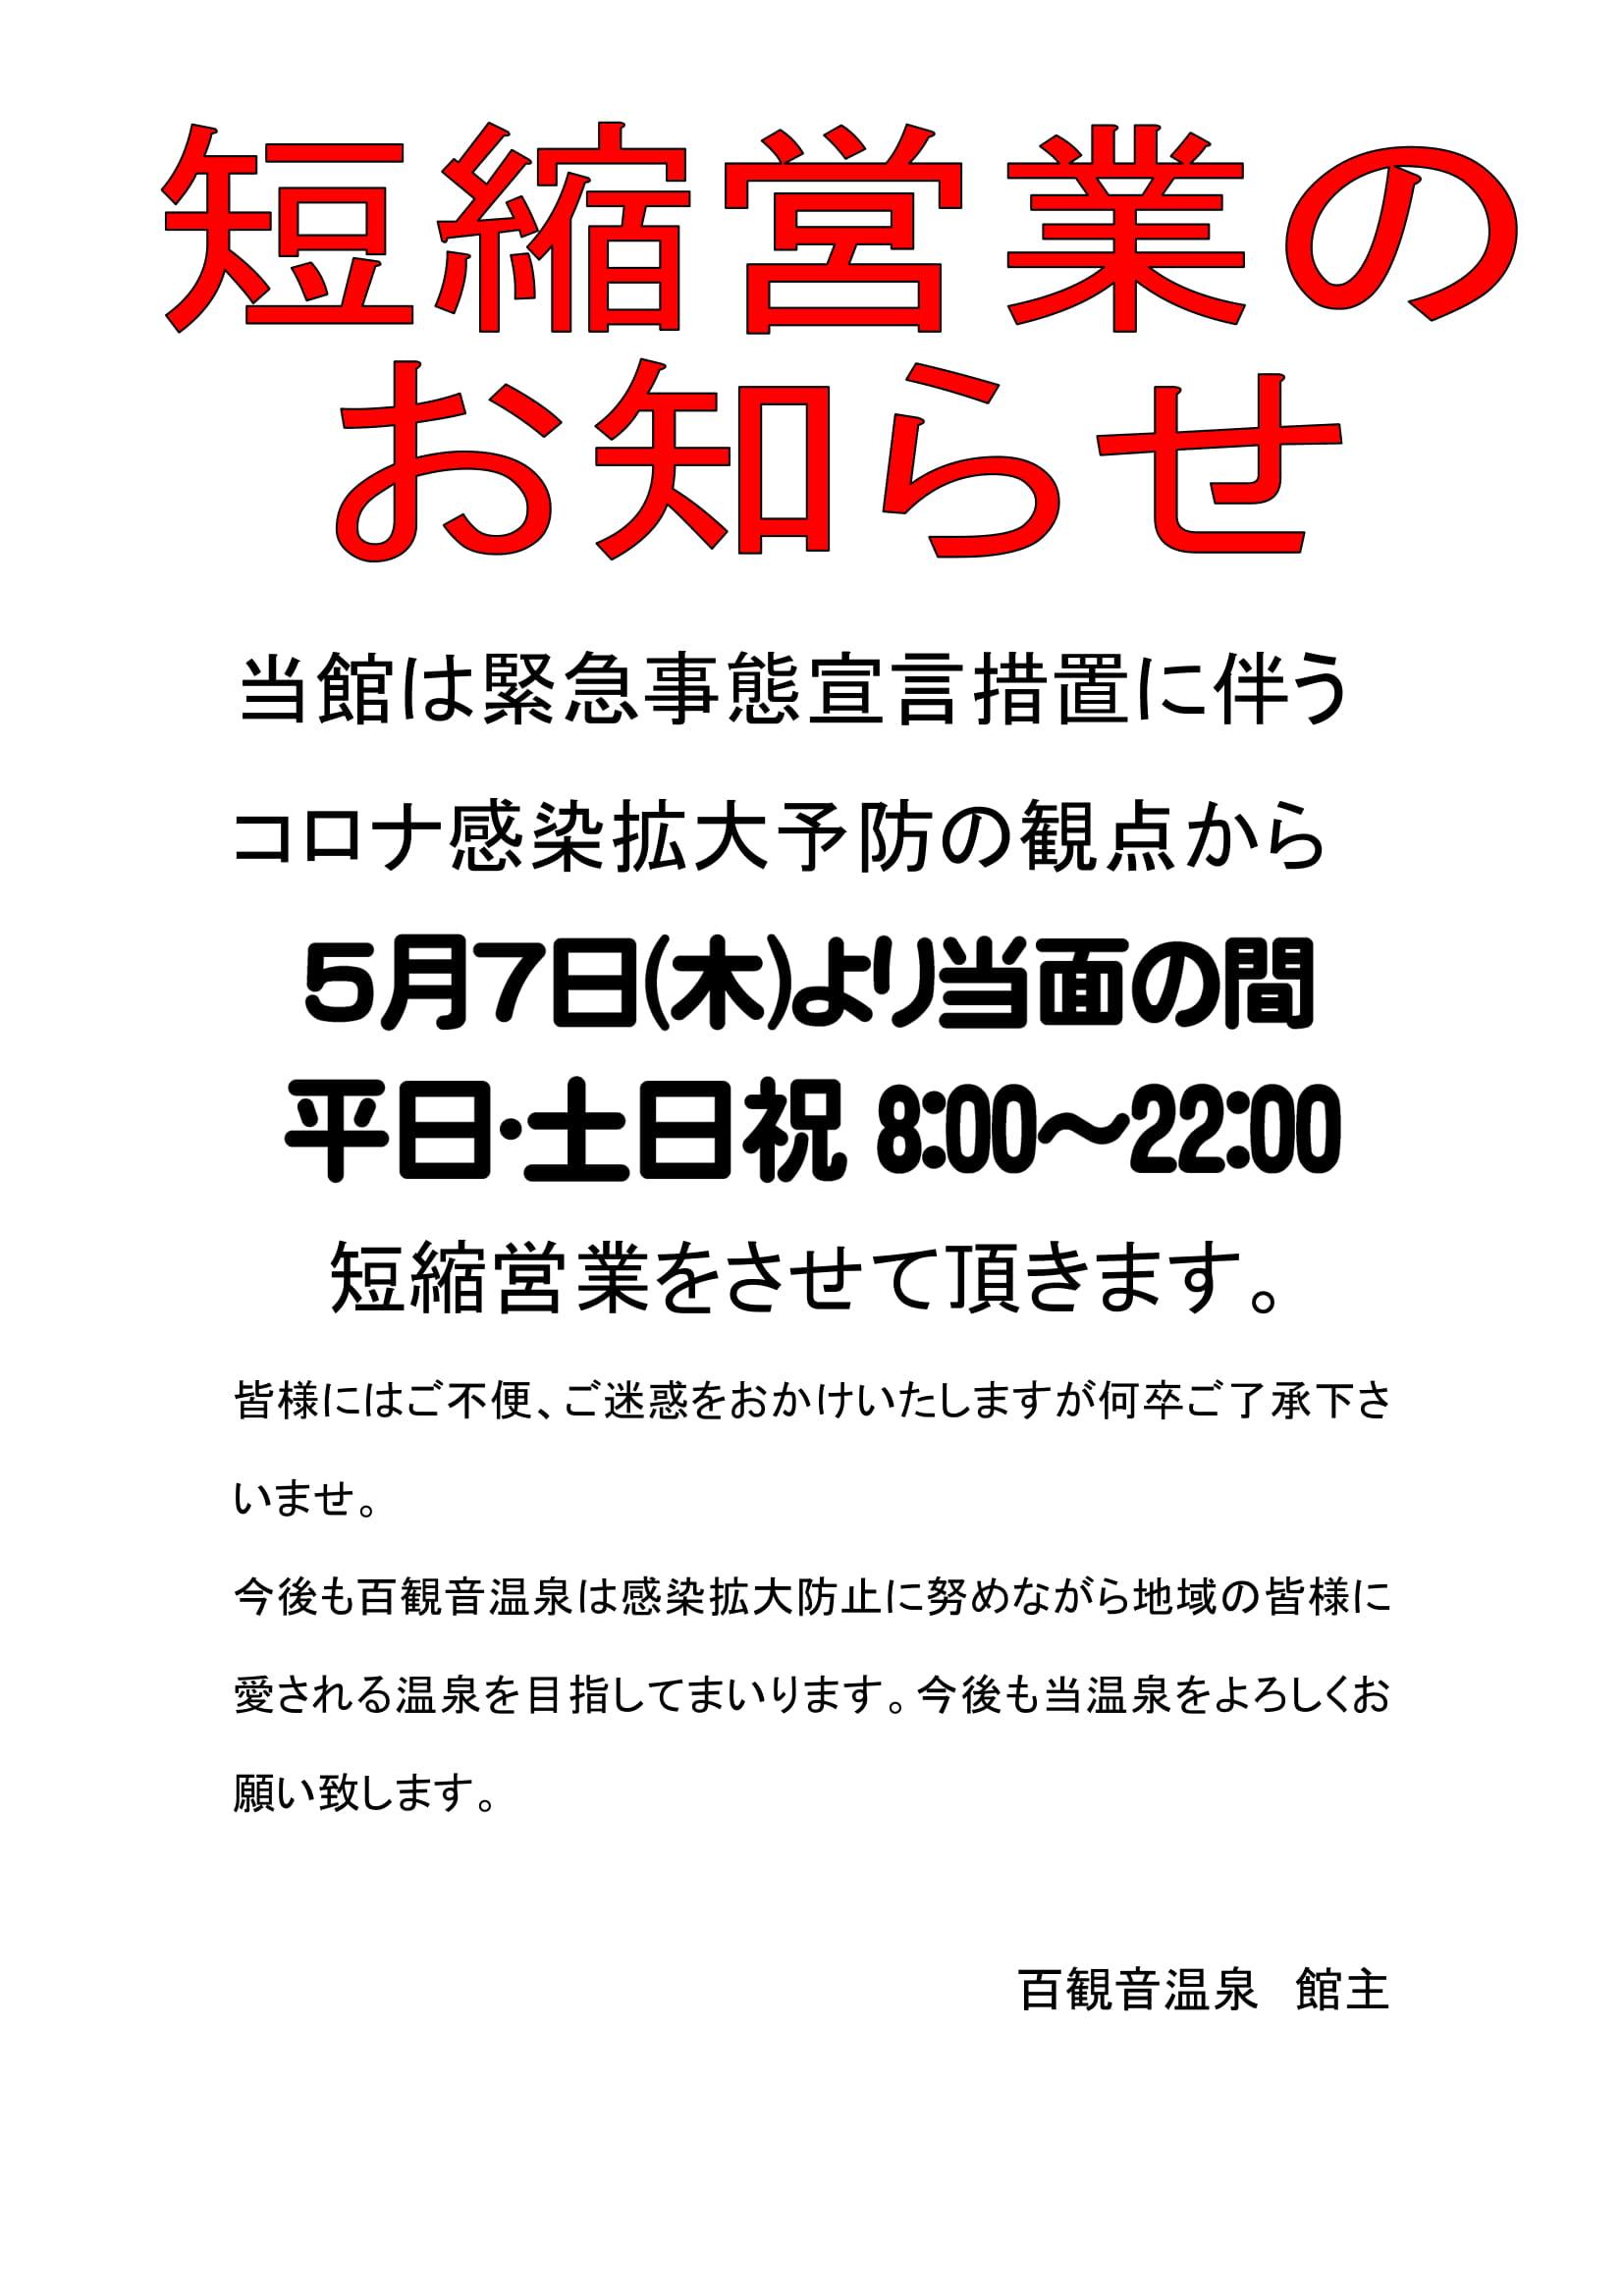 百観音温泉_営業時間短縮告知2020.5.7-1